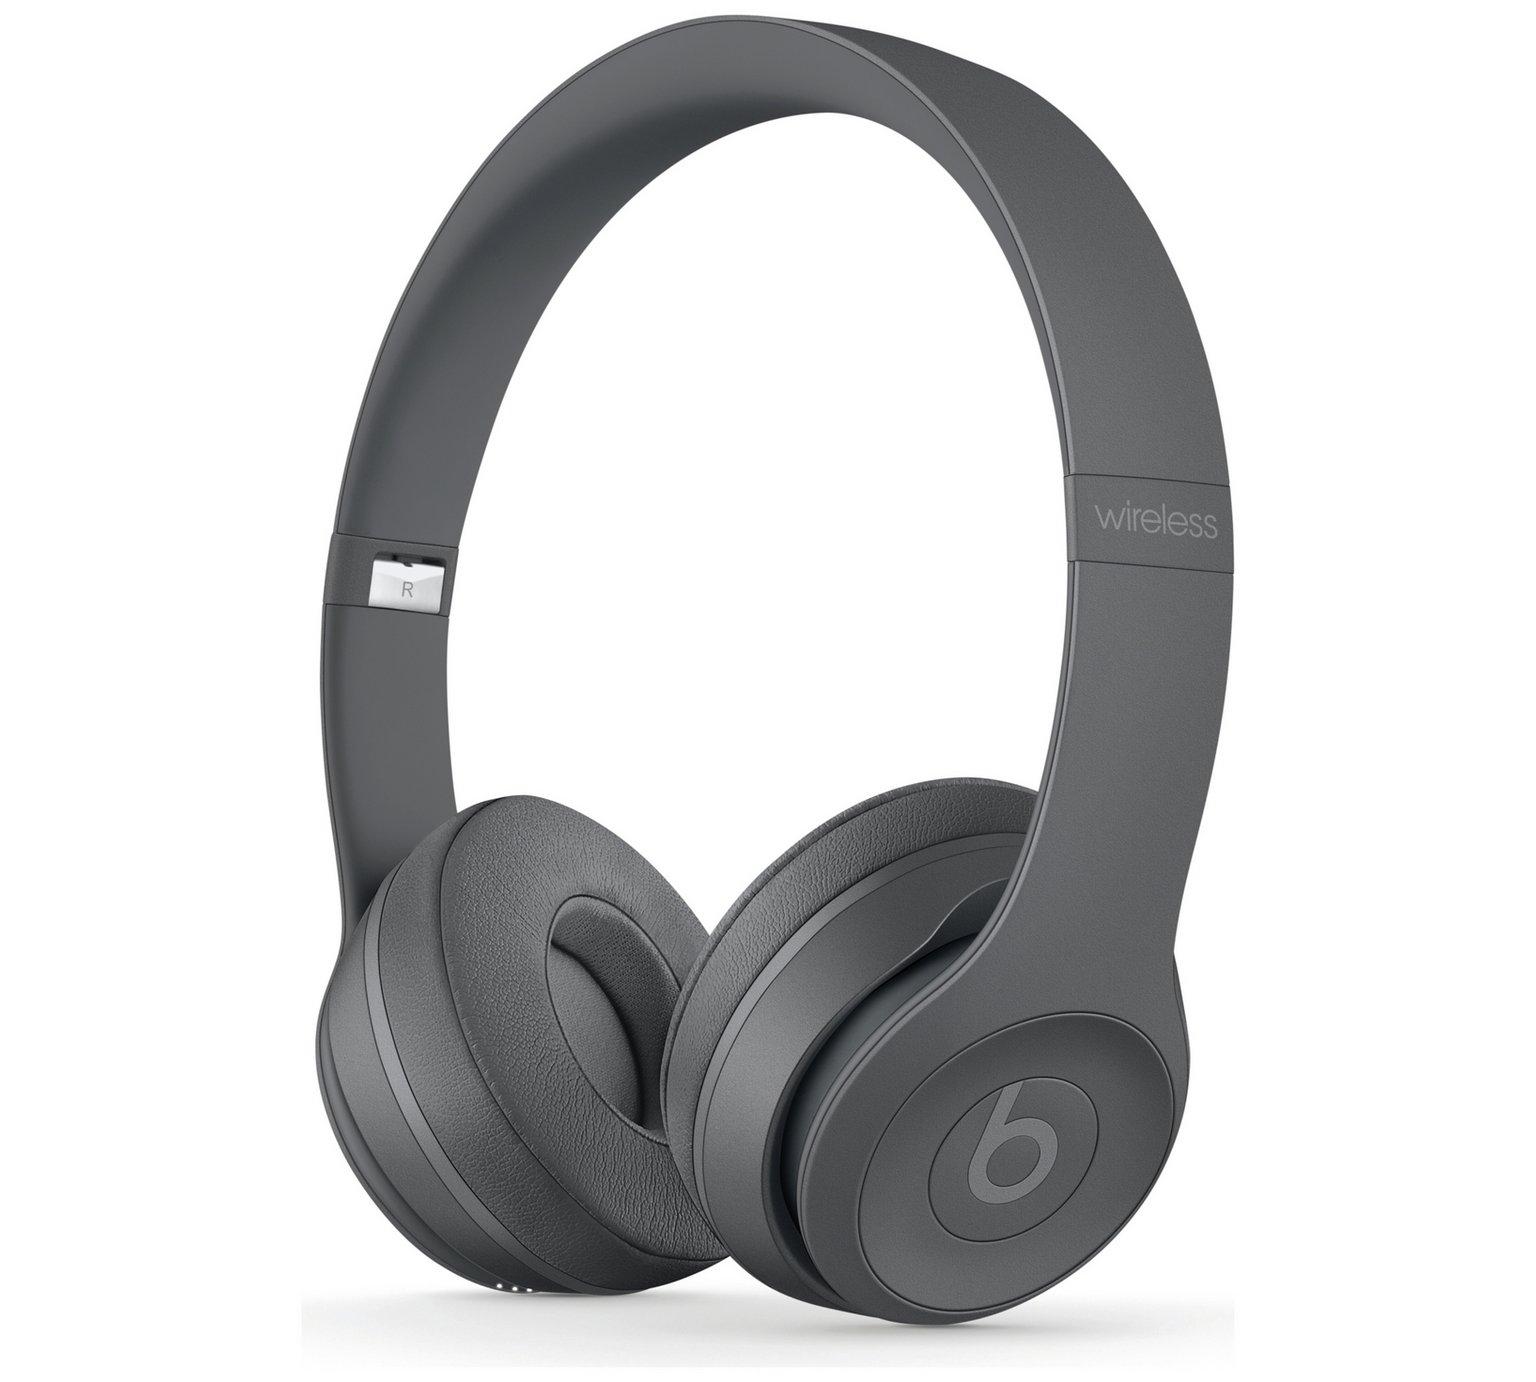 Beats by Dre Solo 3  On-Ear Wireless Headphones + Beats by Dre FREE Powerbeats  3 In-Ear Wireless Earphones worth £149.95 - £199.90 @ Argos